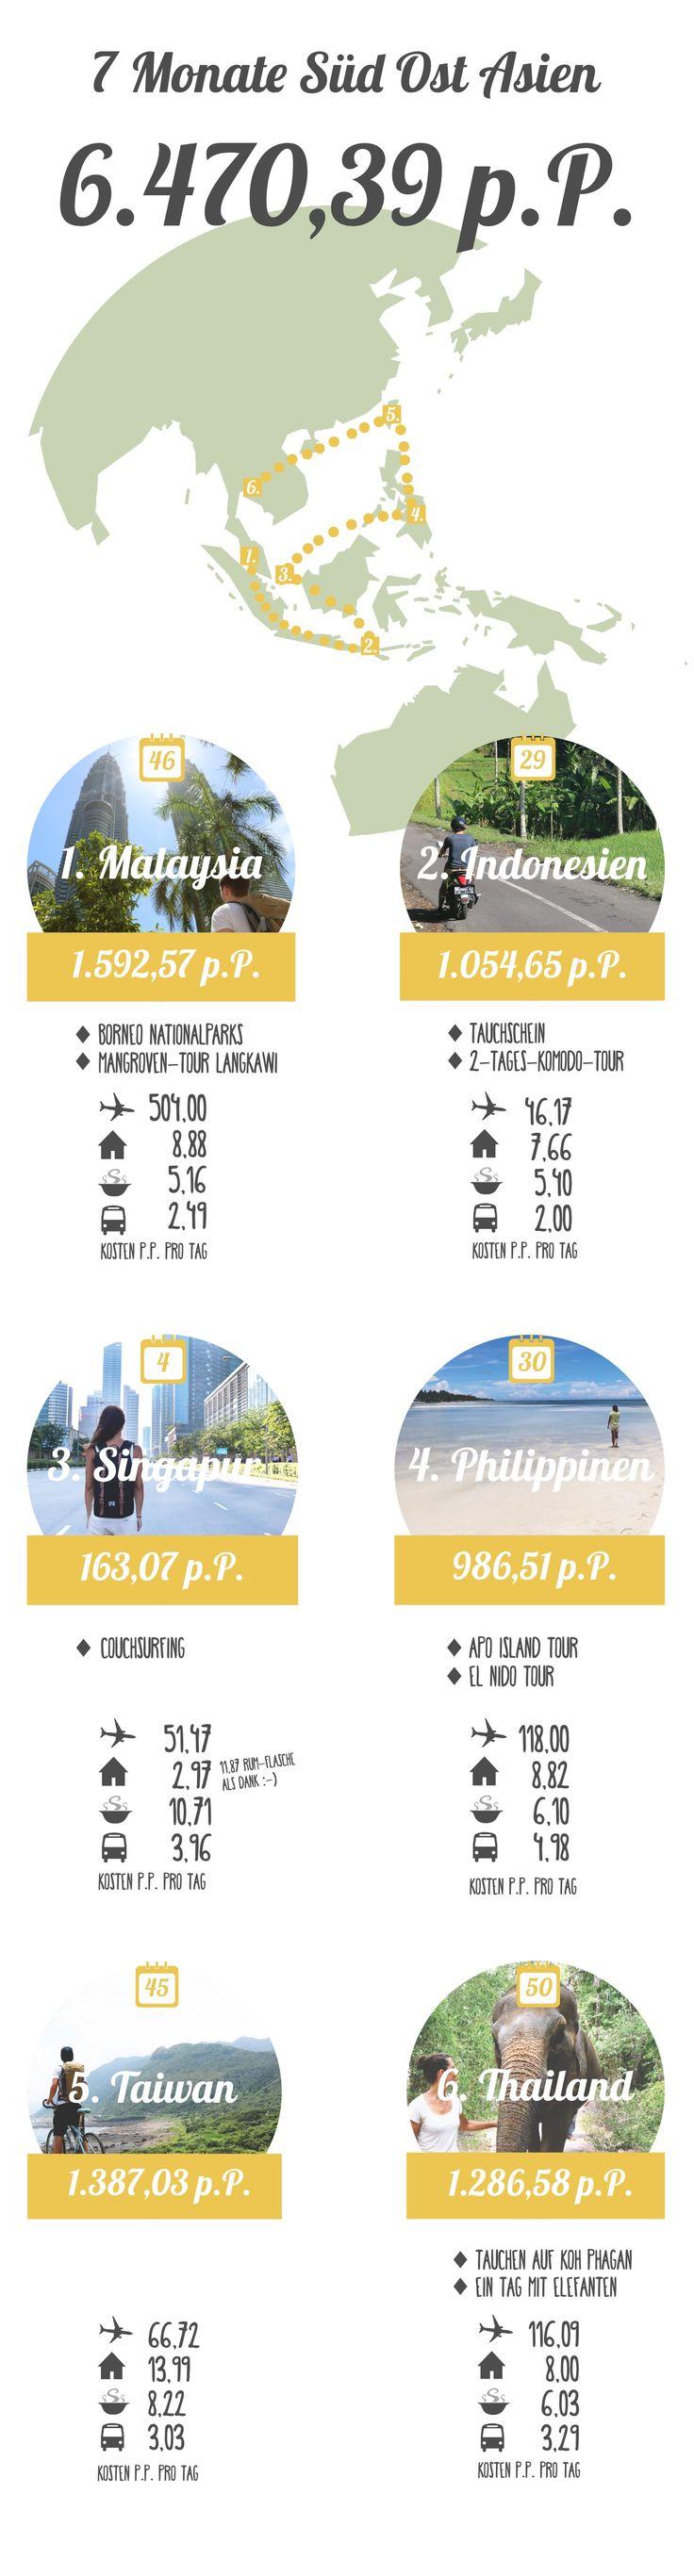 Kosten Übersicht für 7 Monate Asien: 6.470,39